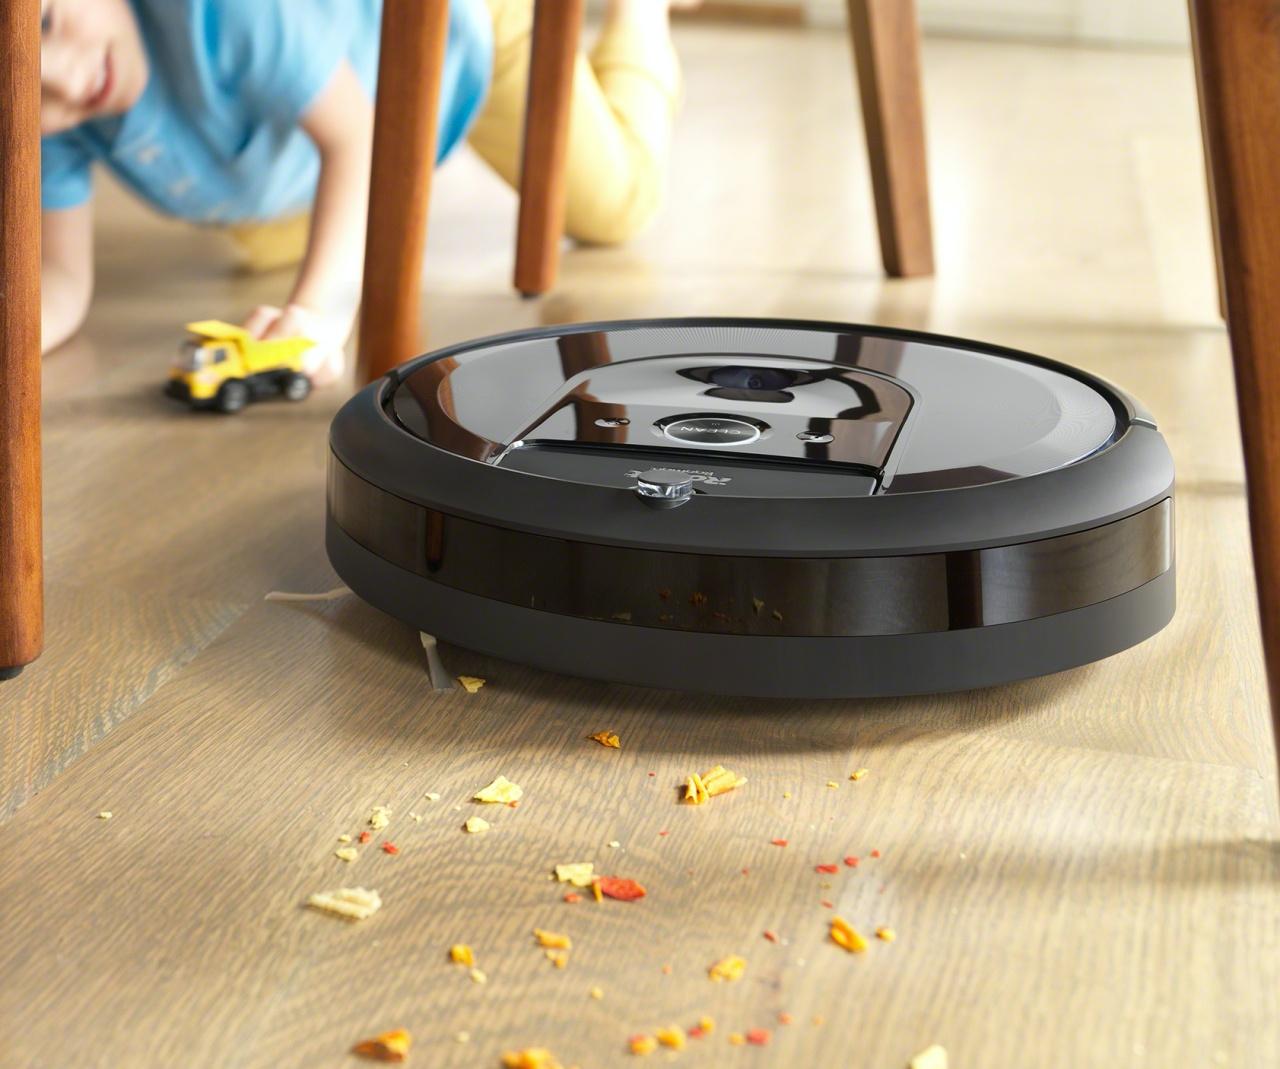 ロボット掃除機ルンバ、家具を認識して掃除可能に - Engadget 日本版